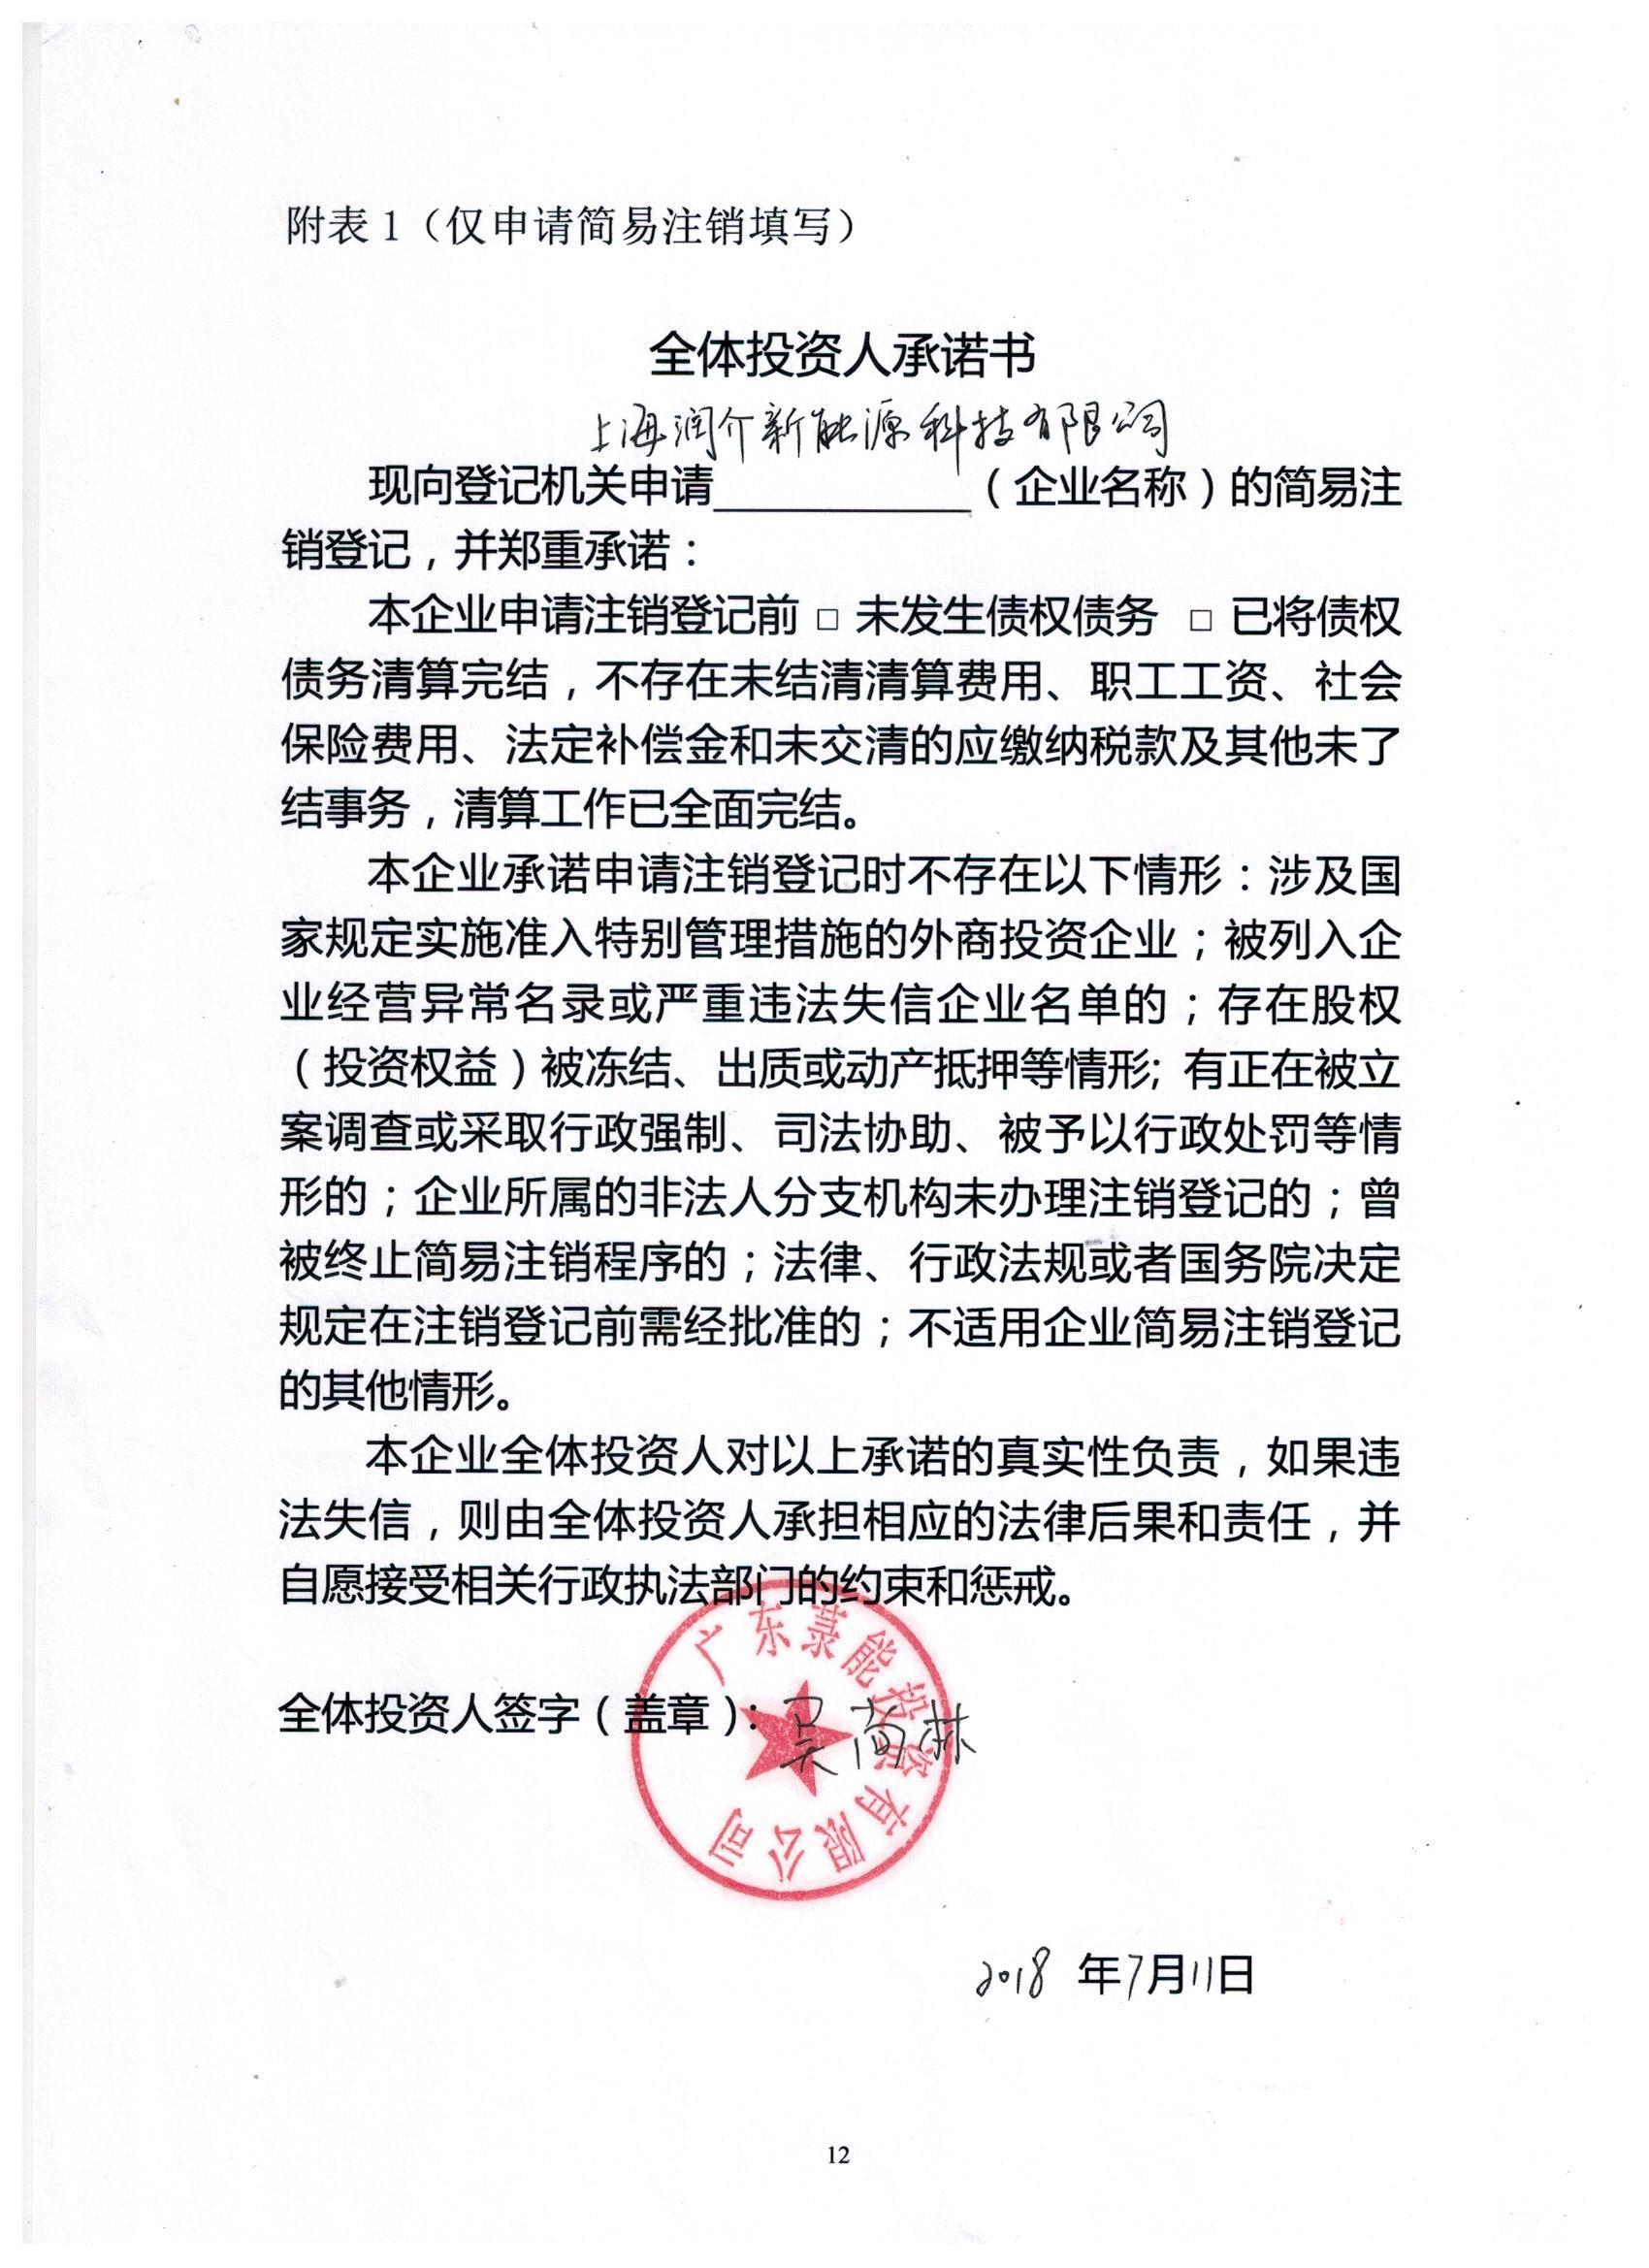 曹力军_上海润介新能源科技有限公司_曹力军【工商信息_电话